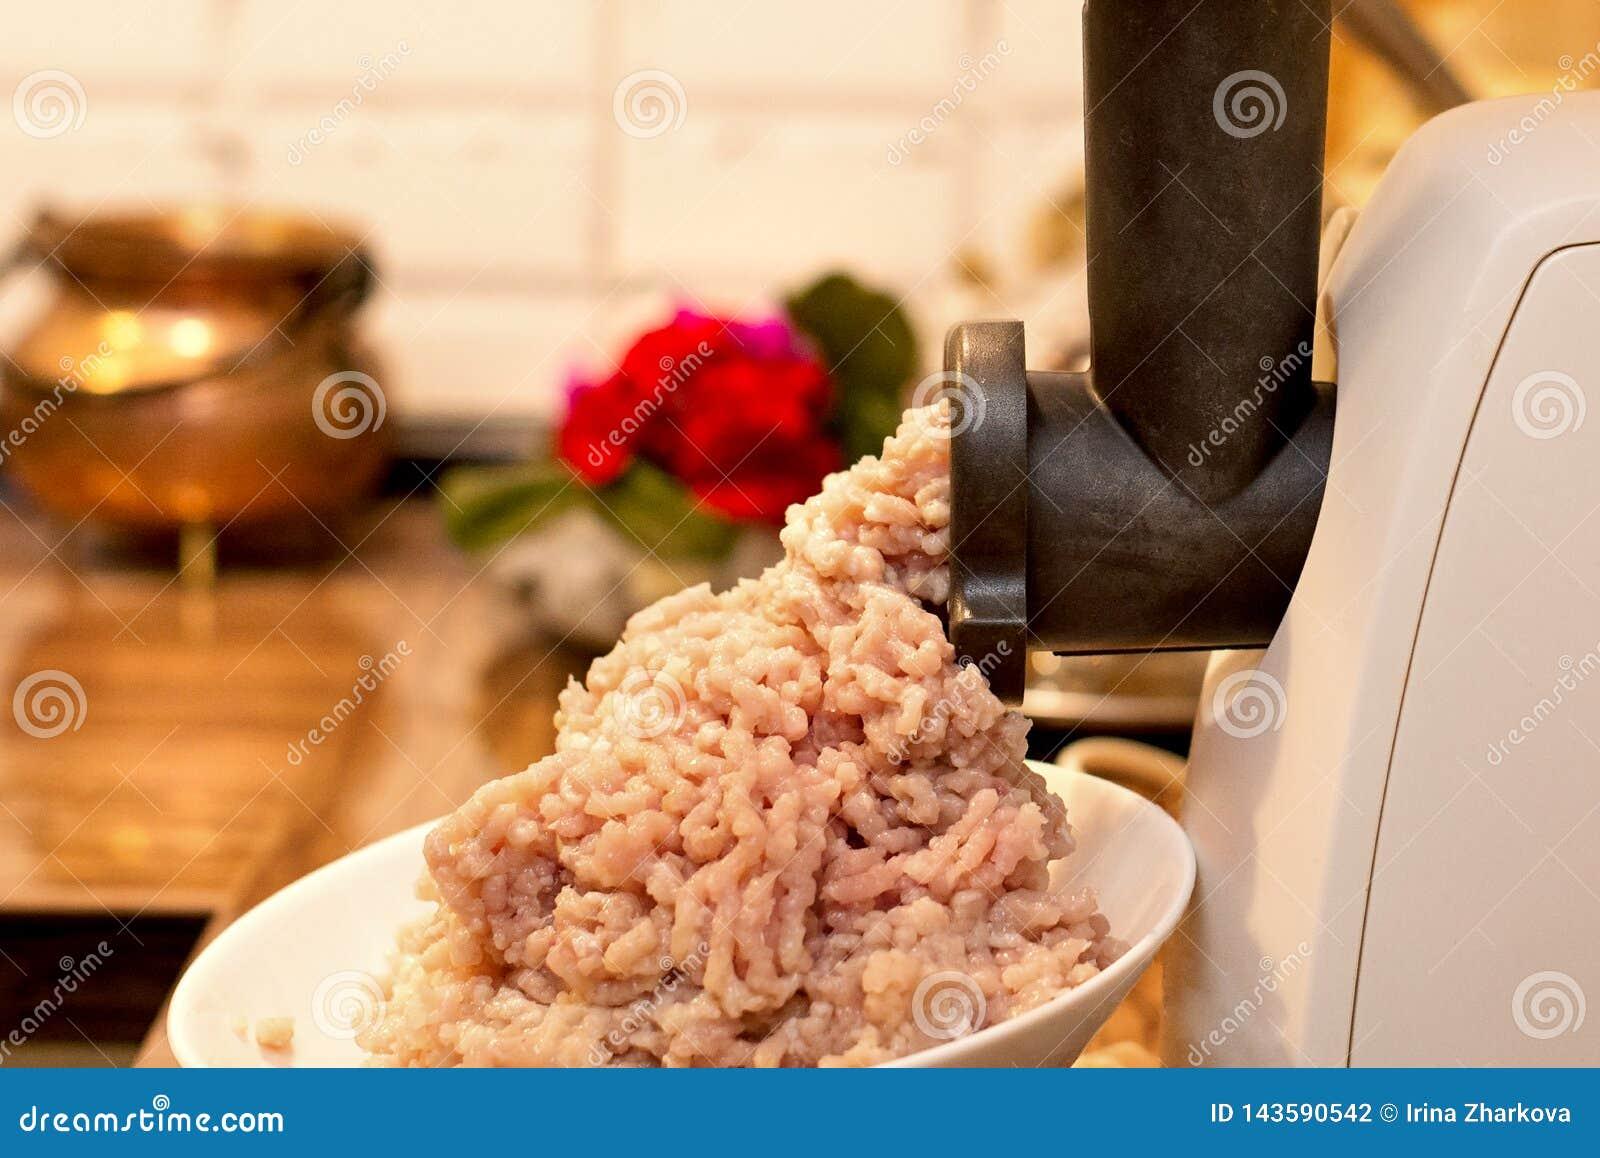 Kochen des Hackfleischs in einem elektrischen Fleischwolf auf dem K?chentisch